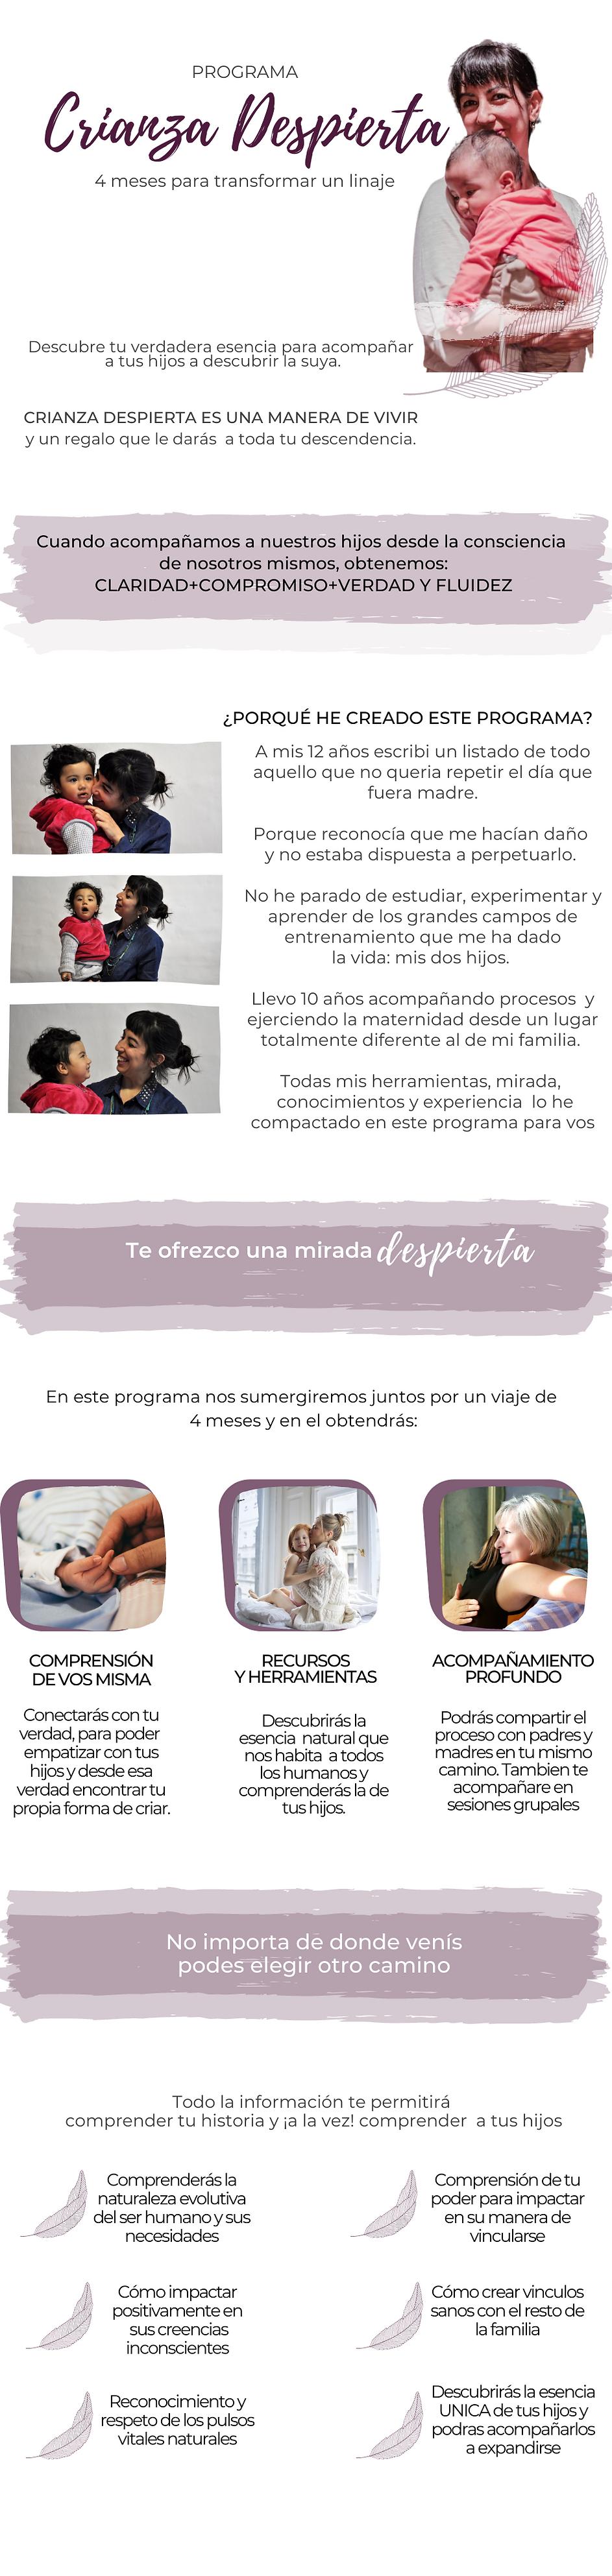 #crianza #maternidad #paternidad #desarr